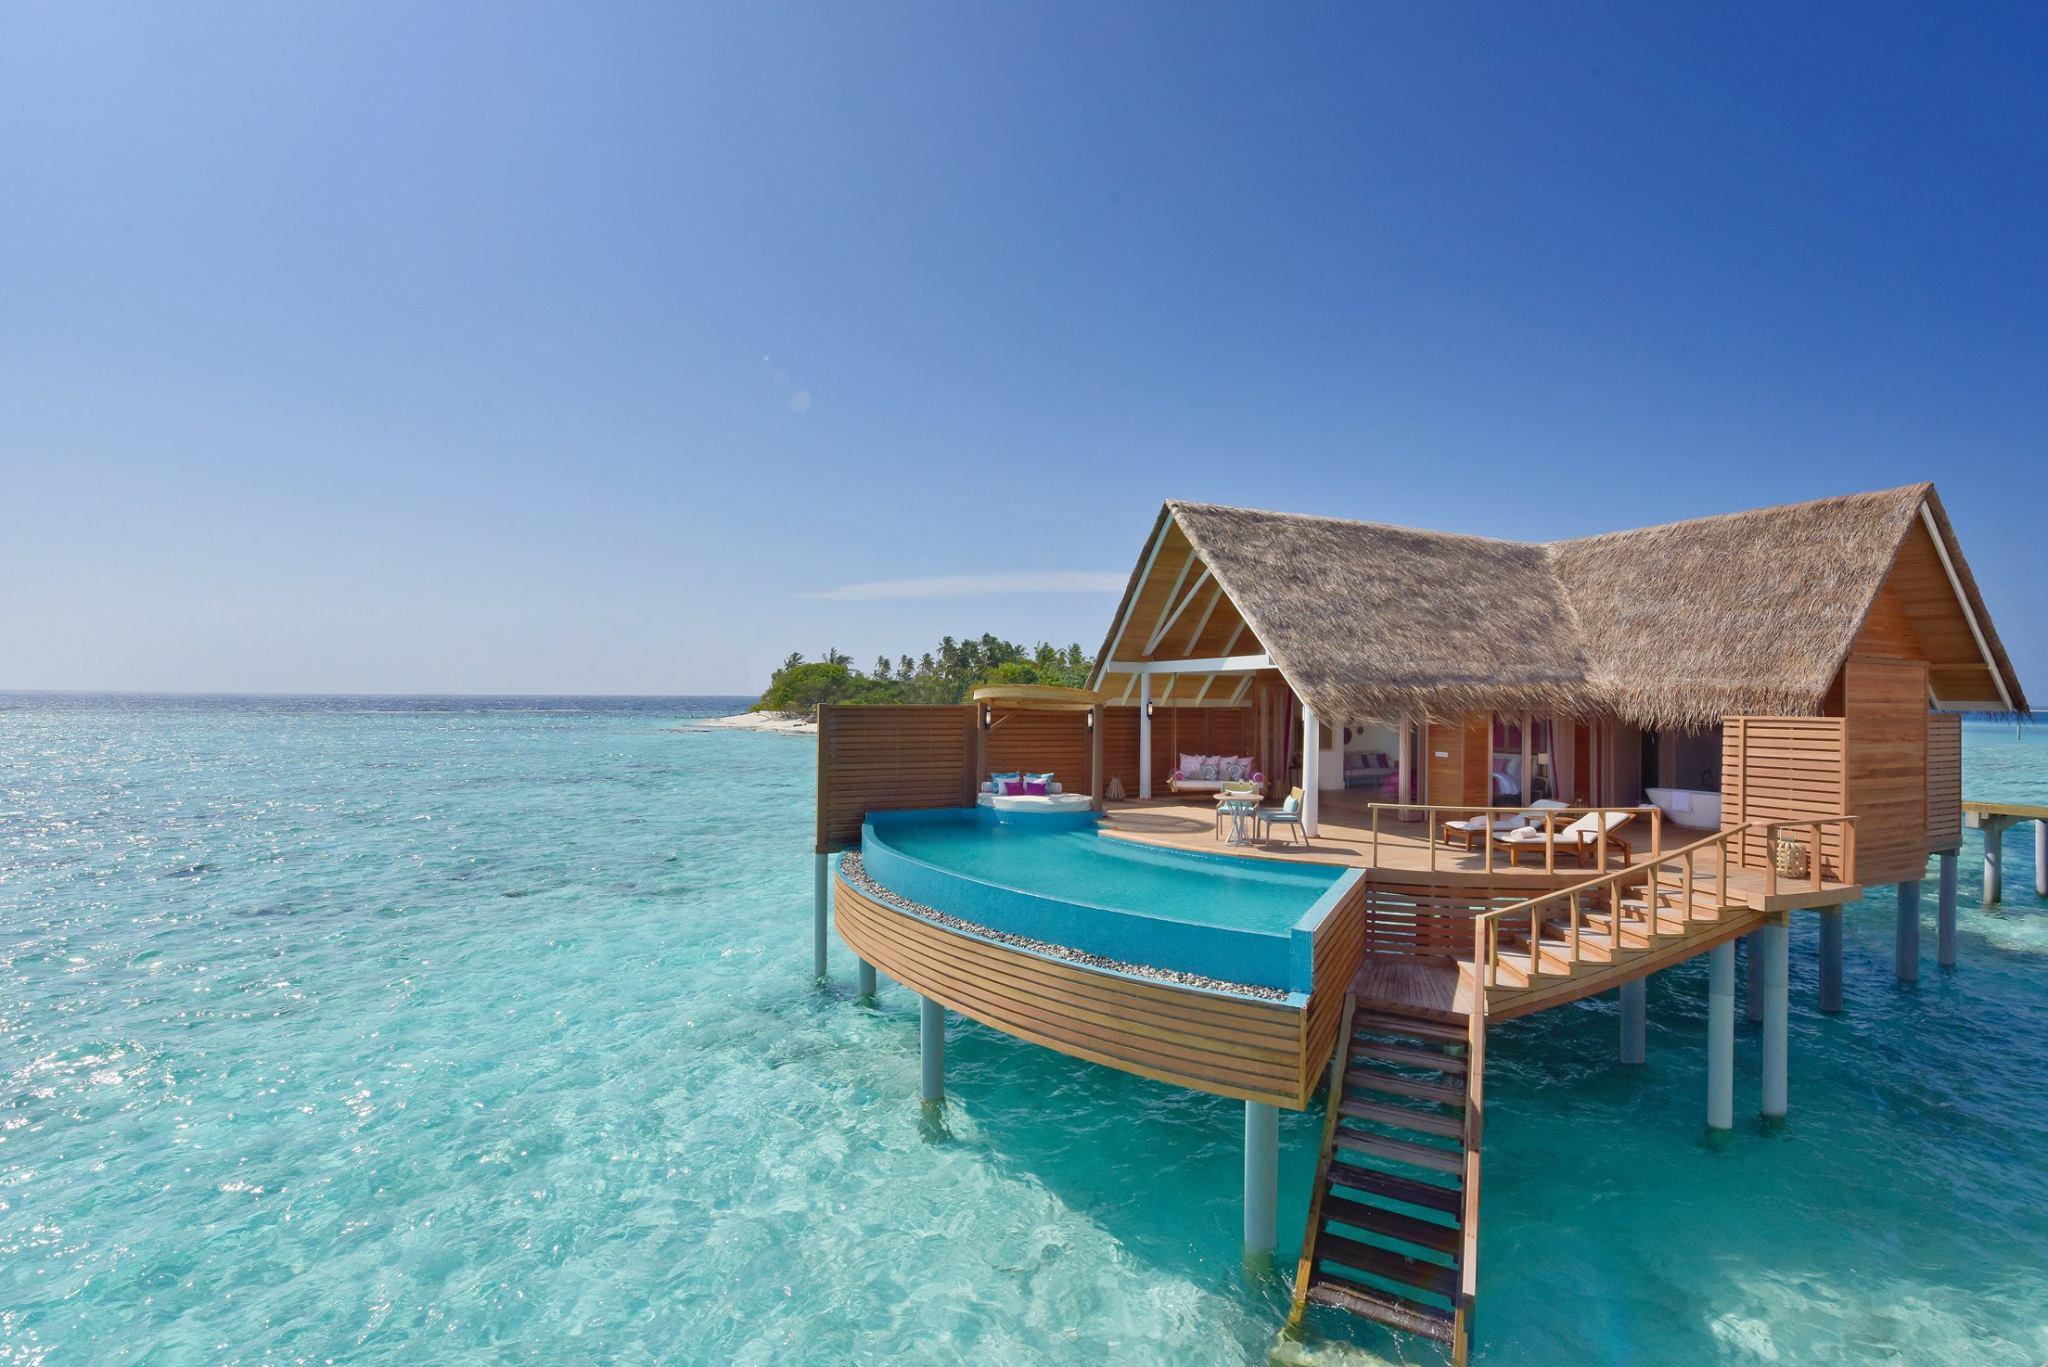 Maldive agosto 2018 a partire da 1420€ - Jambotour